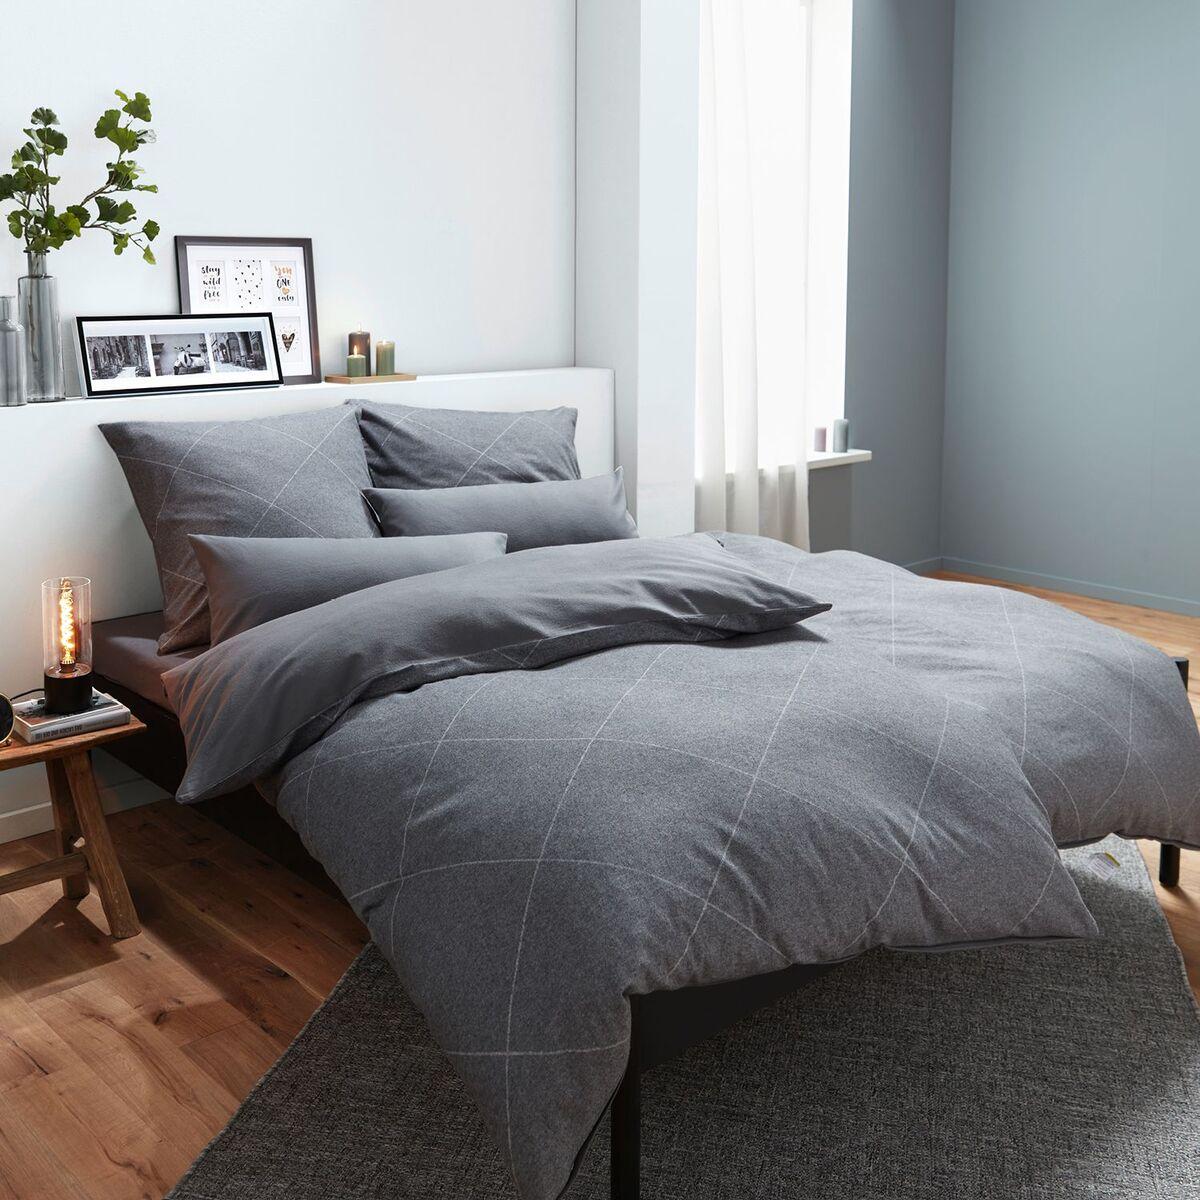 Bild 4 von dormia Finette-Bettwäsche Normalgröße